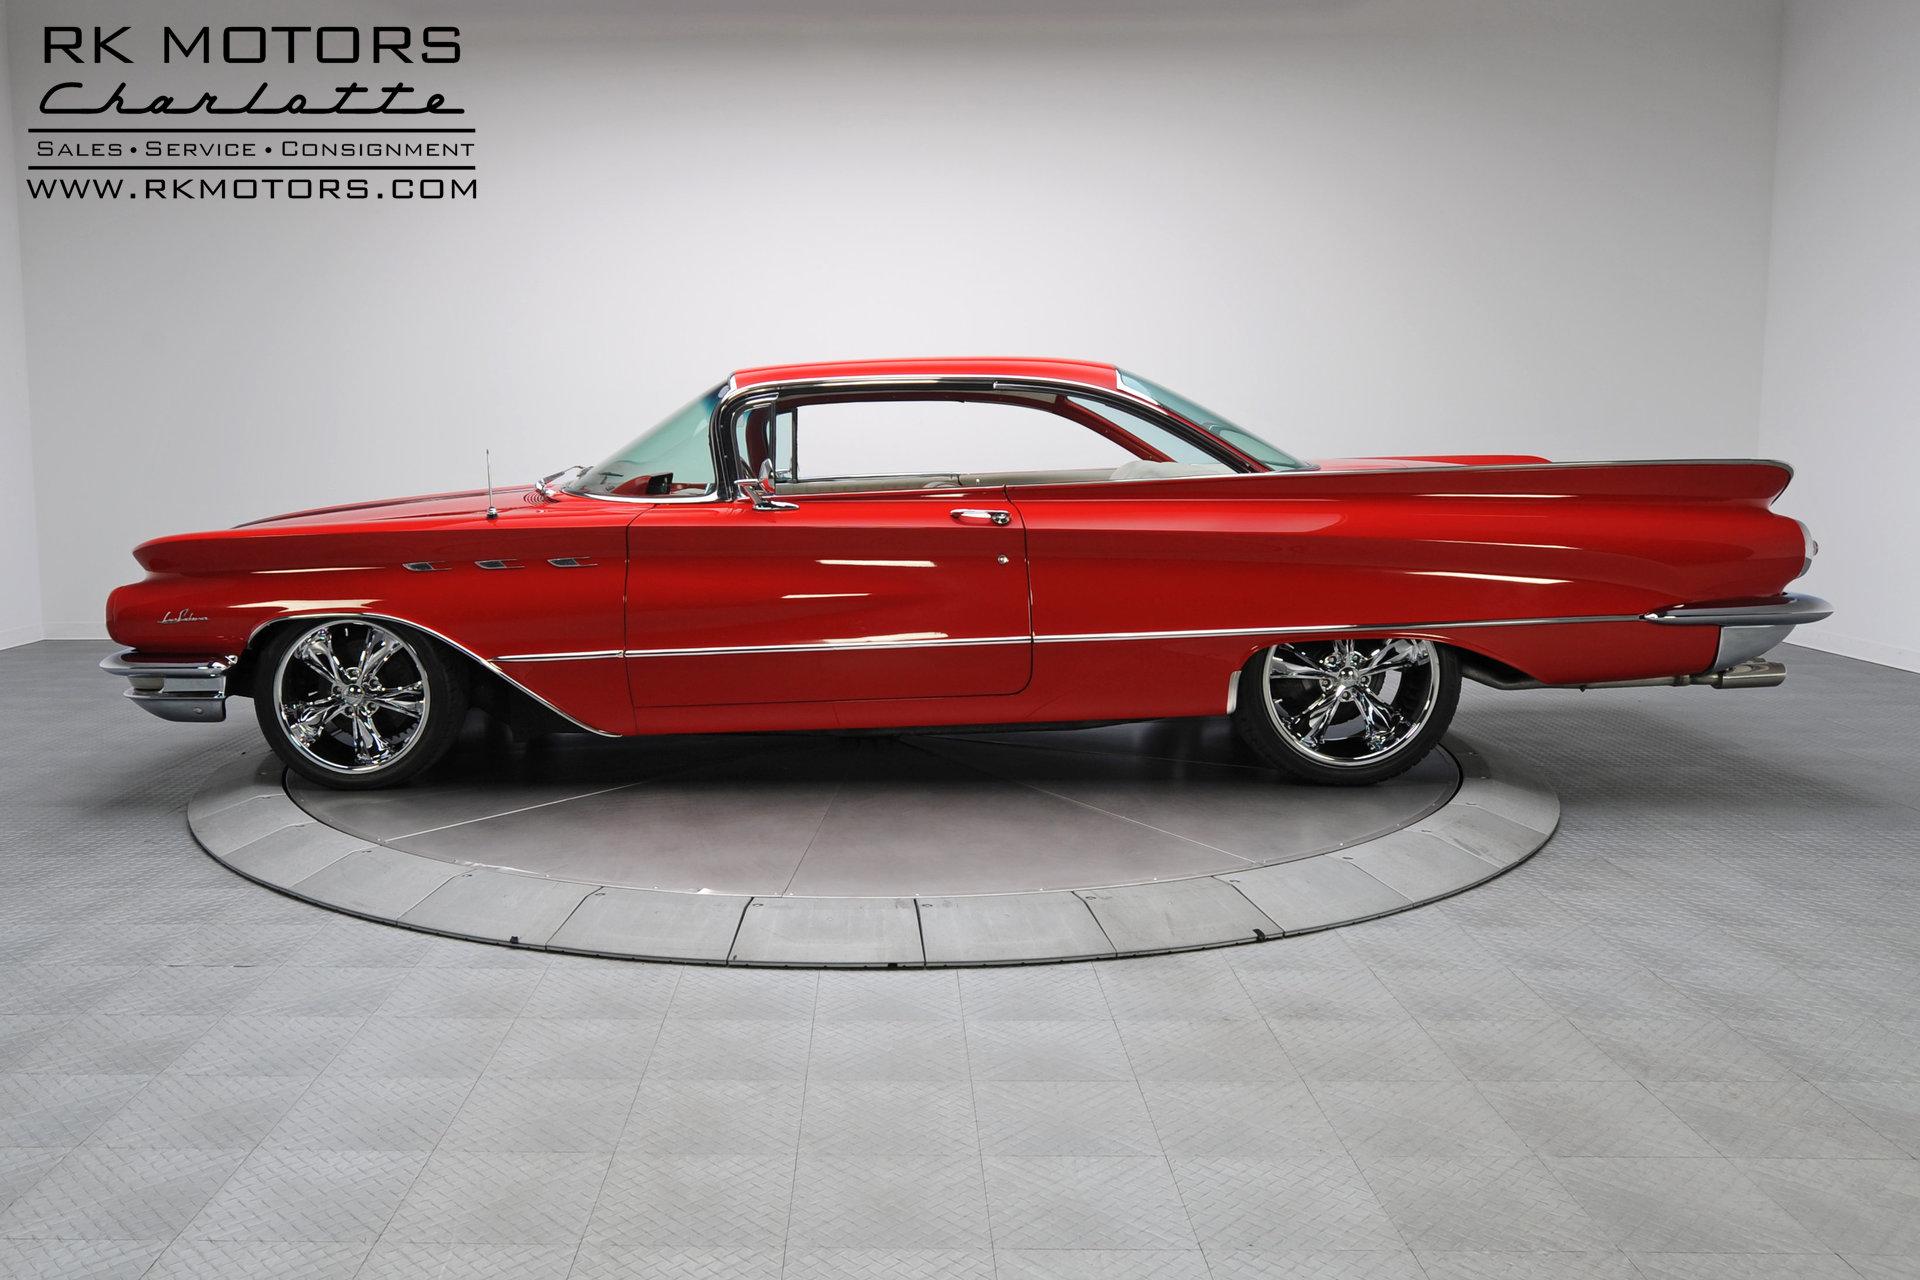 134125 1960 Buick LeSabre